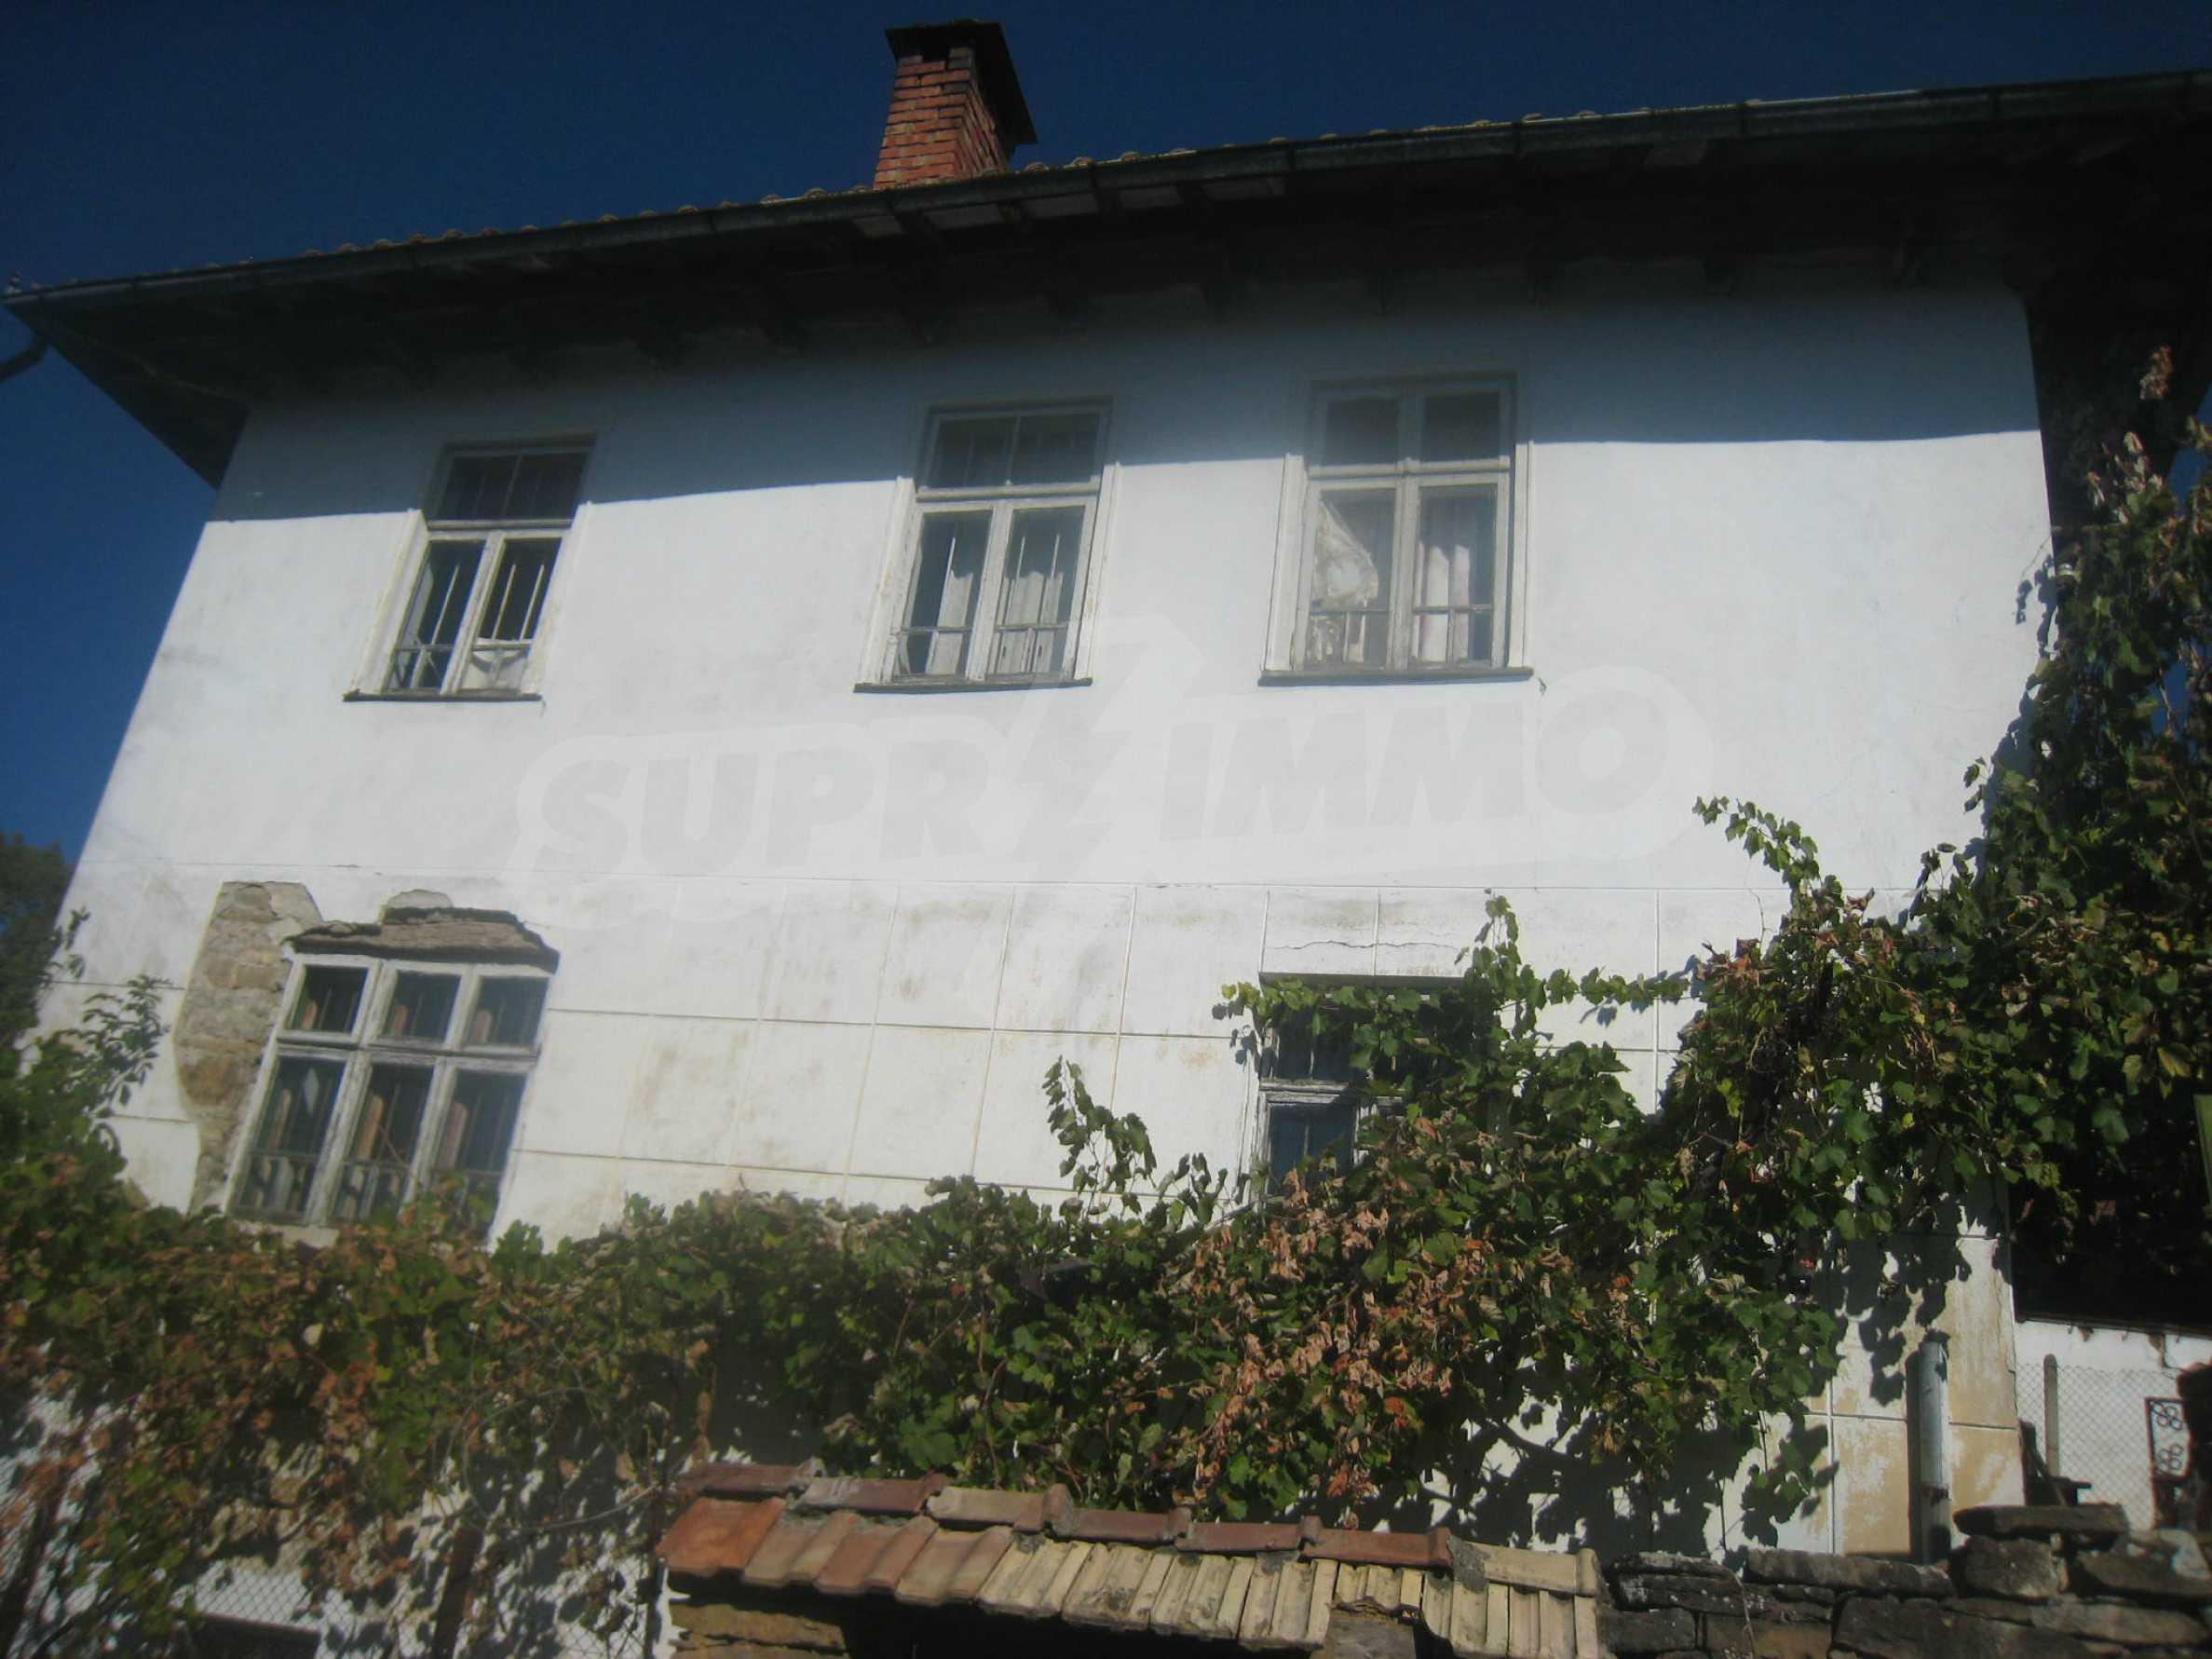 Traditionelles bulgarisches Haus in einem Dorf 9 km von Gabrovo entfernt 3